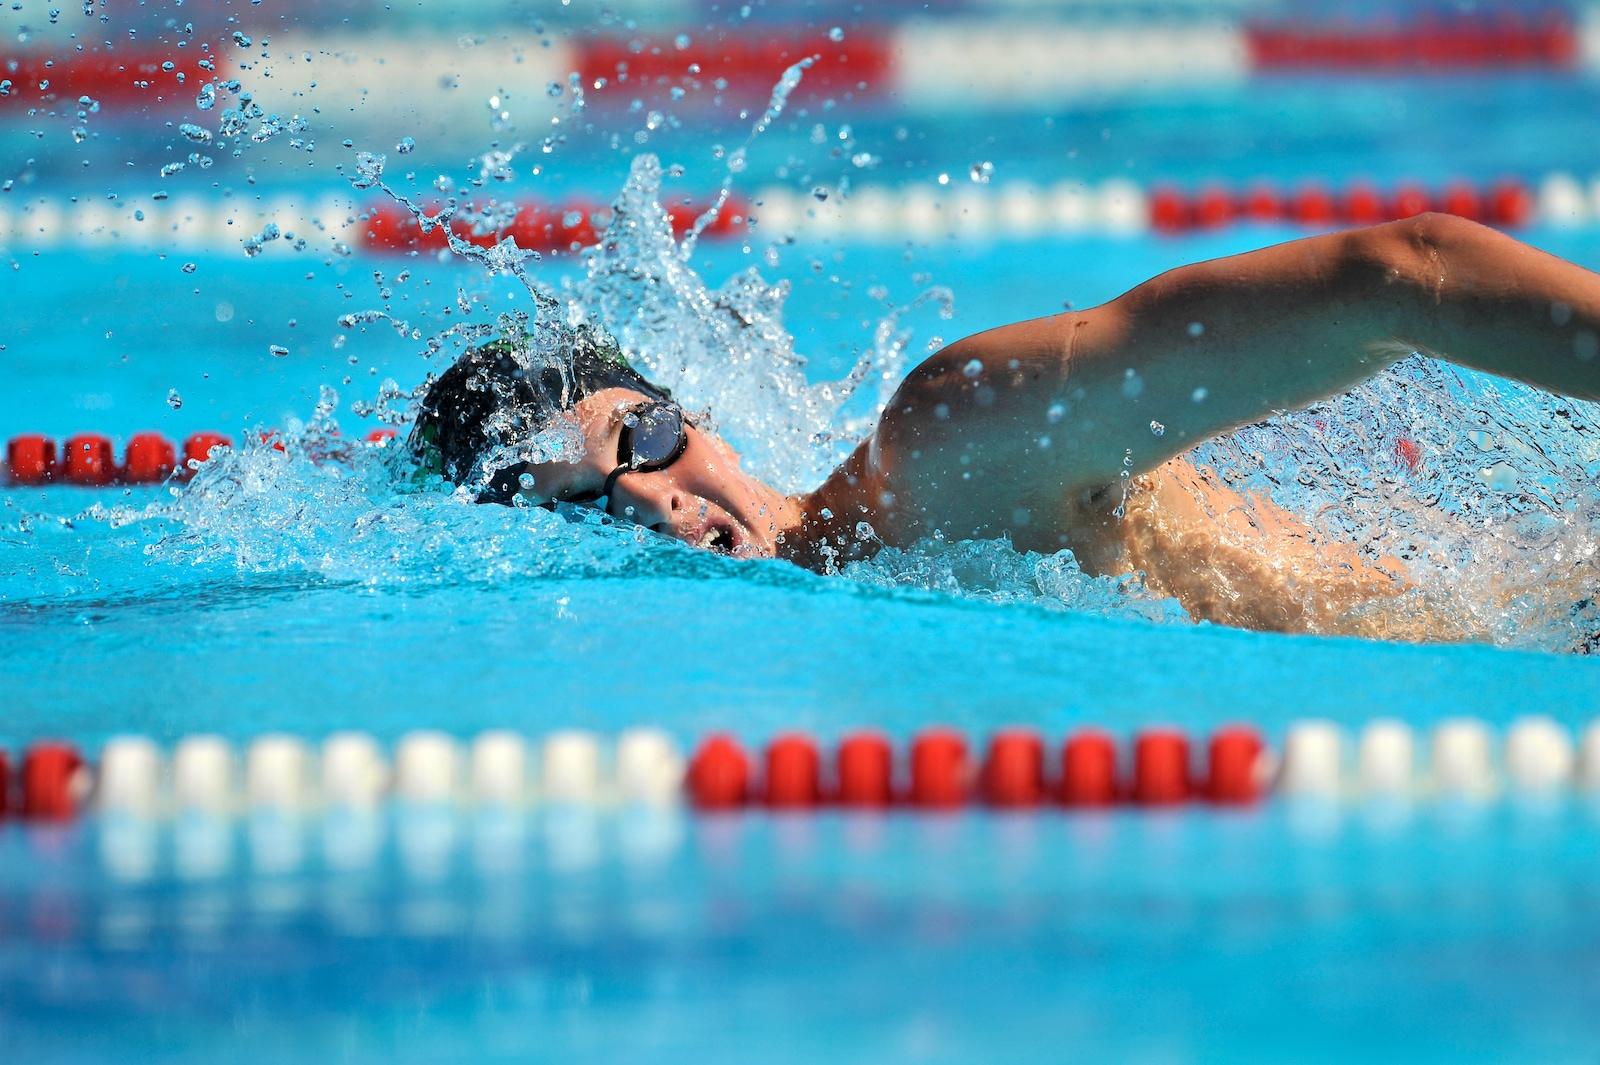 Kraulender Schwimmer im Pool